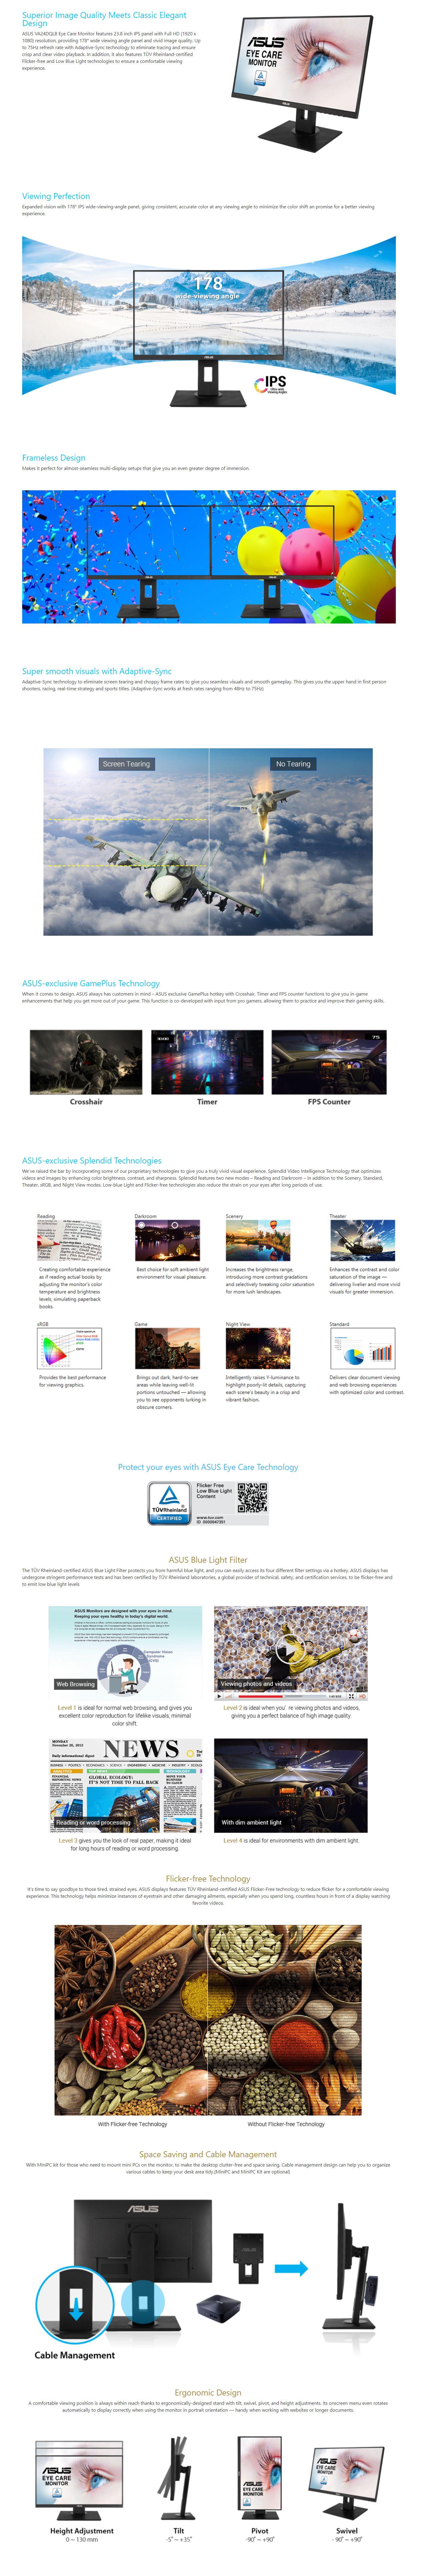 #1783 - 'VA24DQLB I Monitors I ASUS Global' - www_asus_com.jpg